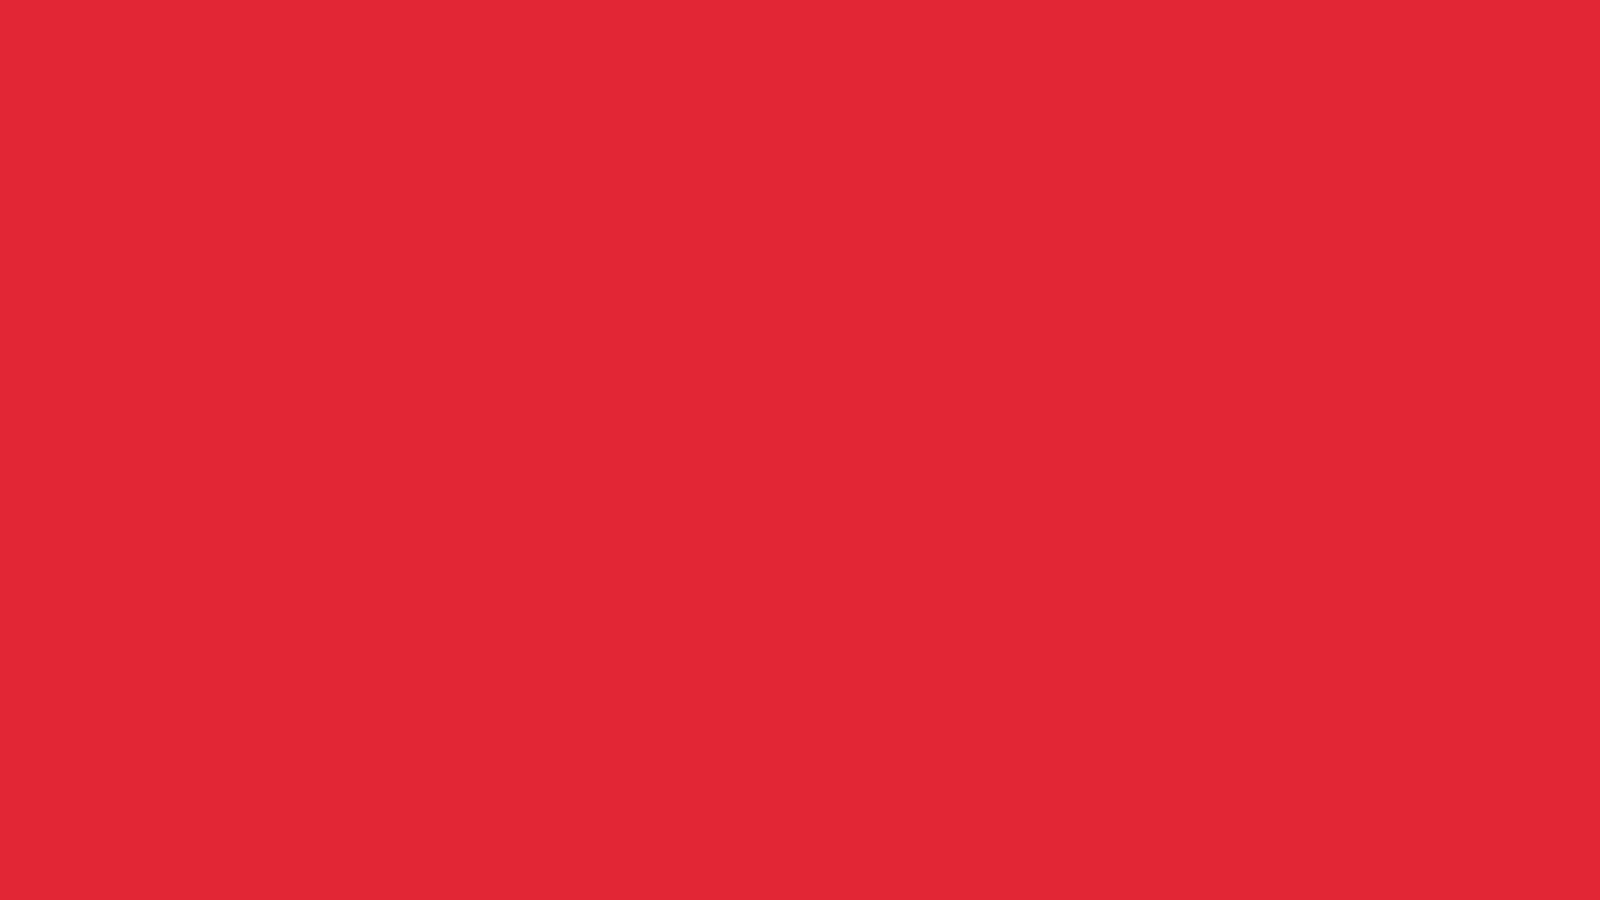 1600x900 Alizarin Crimson Solid Color Background